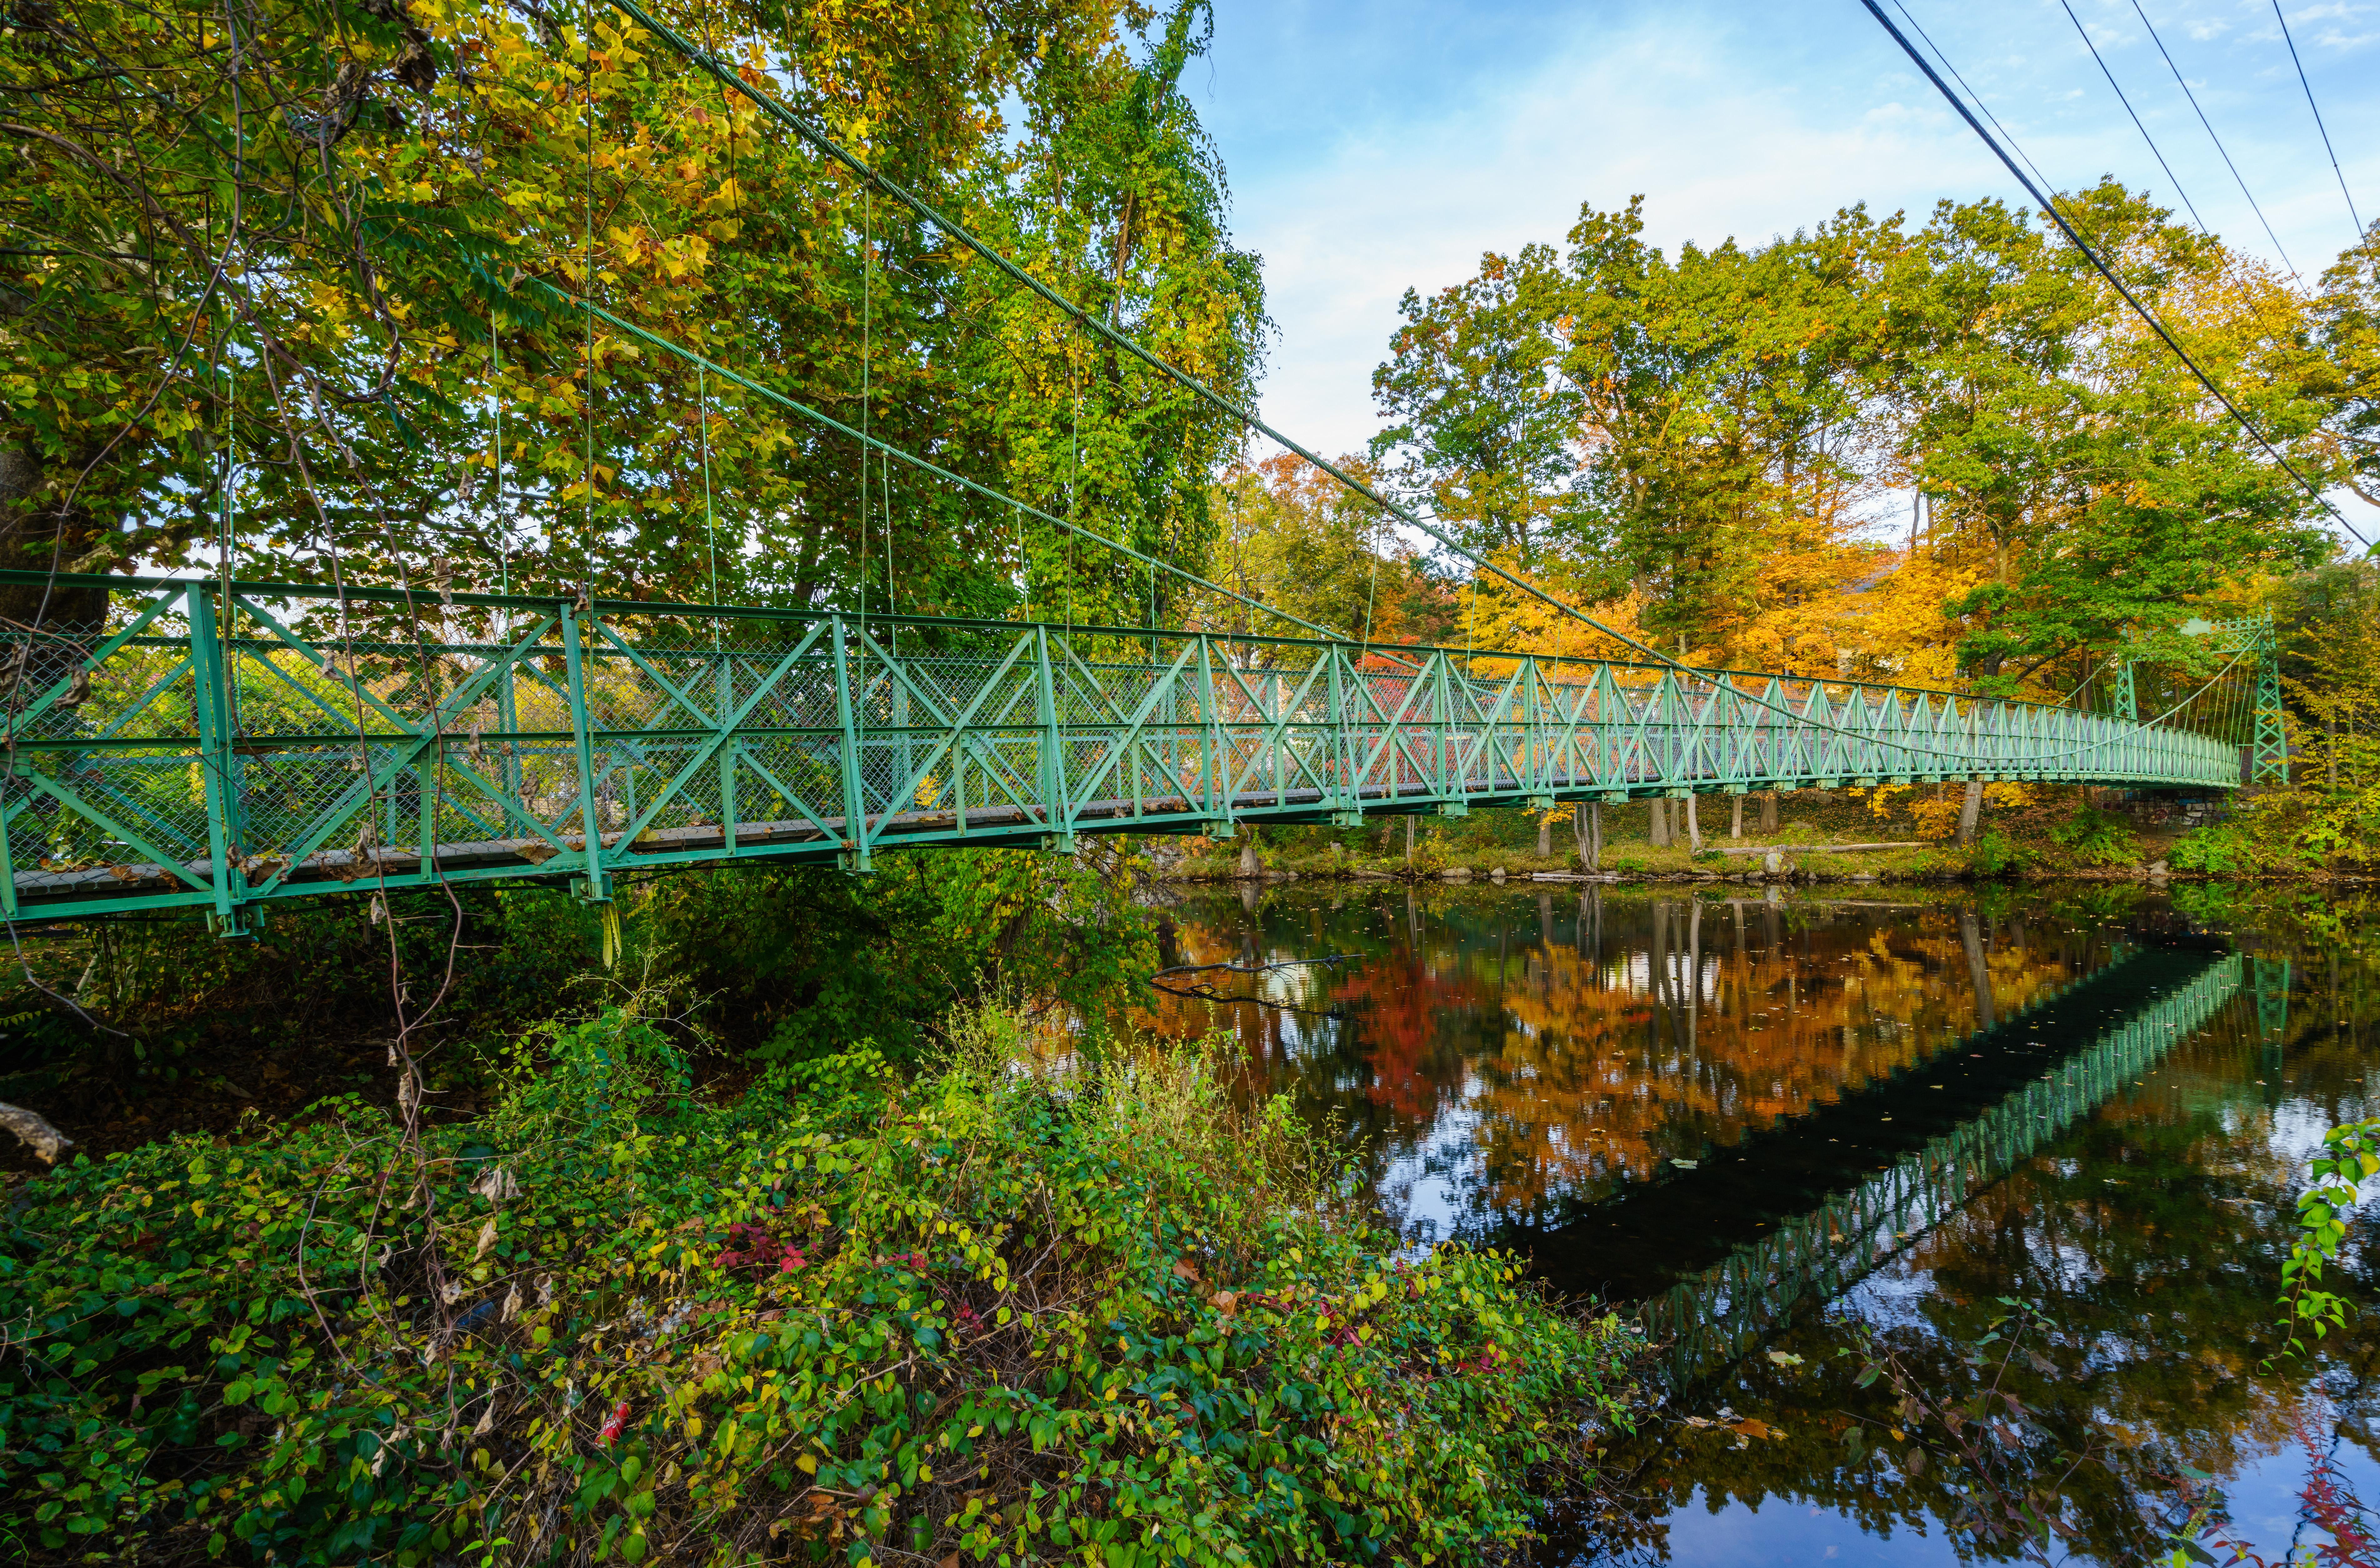 Suspension Bridge, Milford, New Hampshire